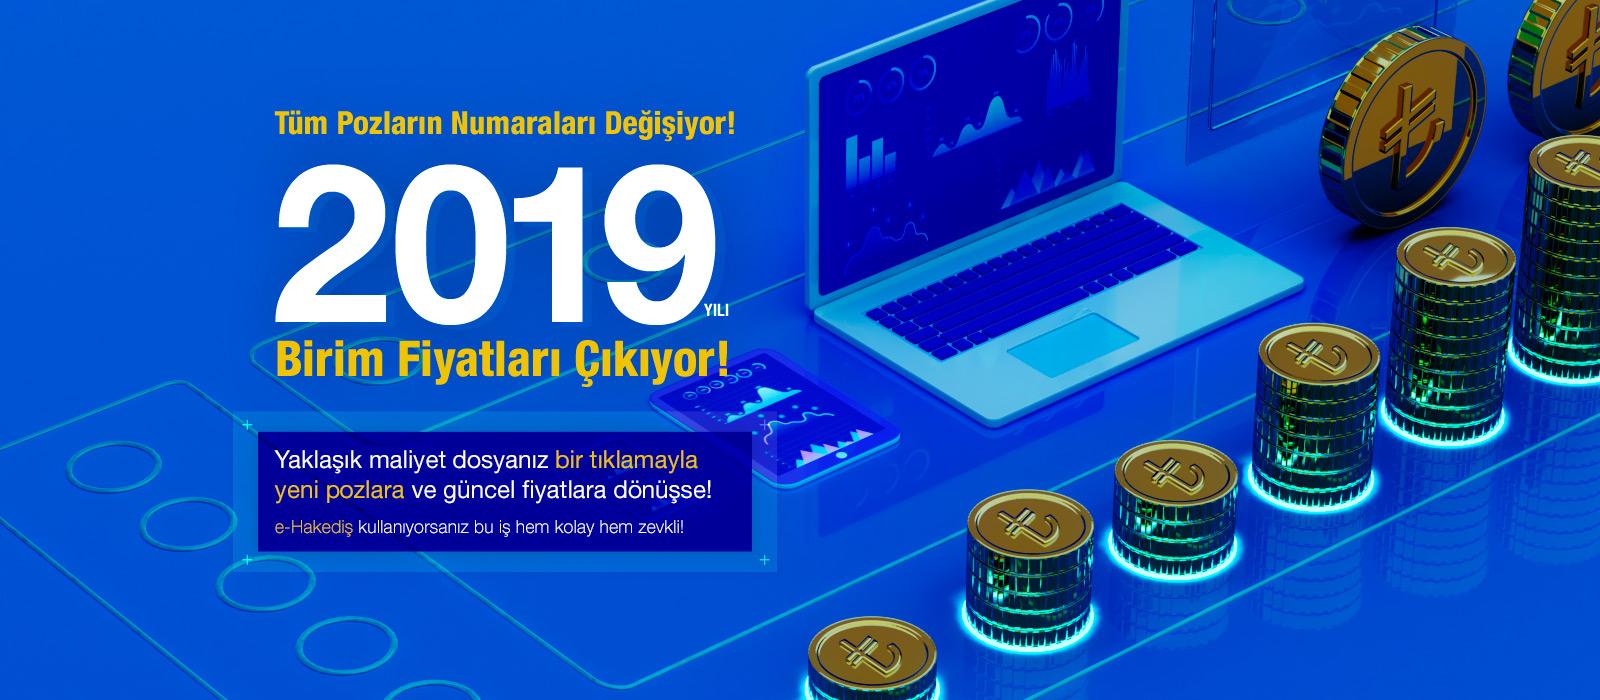 Banner Tasarımı 2019 1